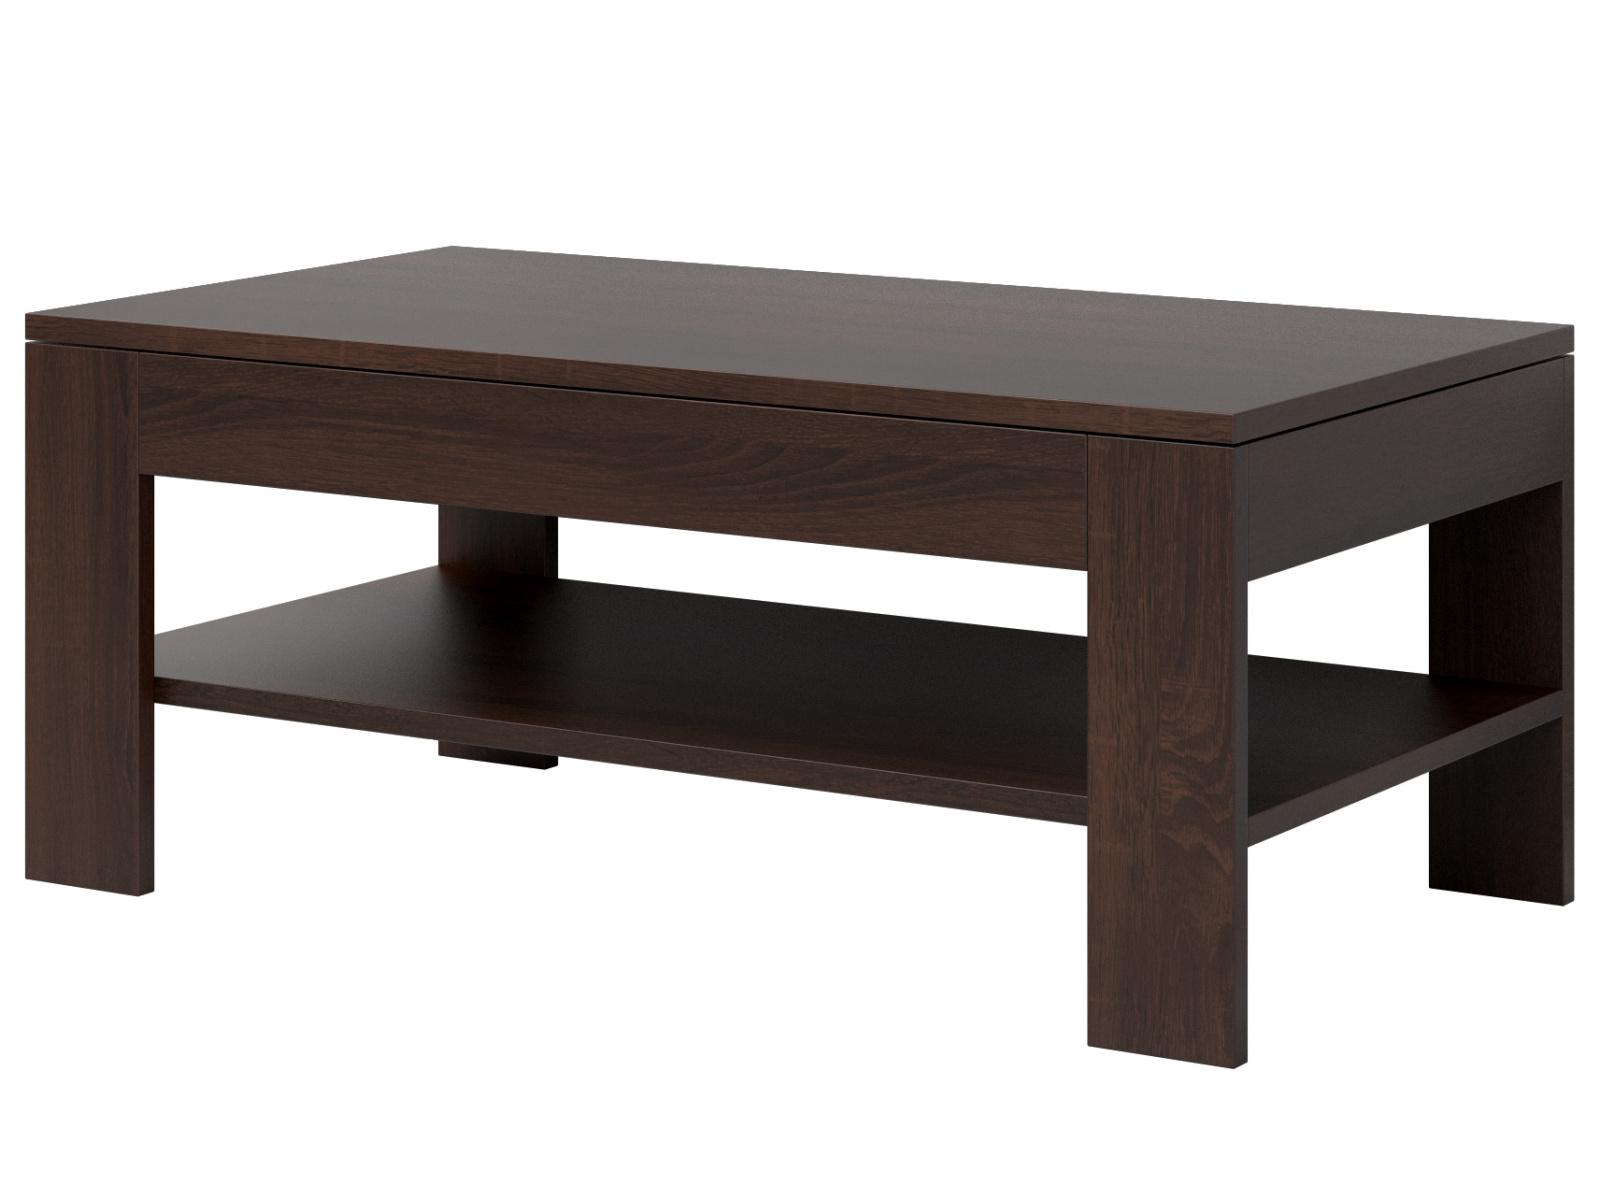 Smartshop MESTRE konferenční stolek TYP 99, dub sonoma tmavý